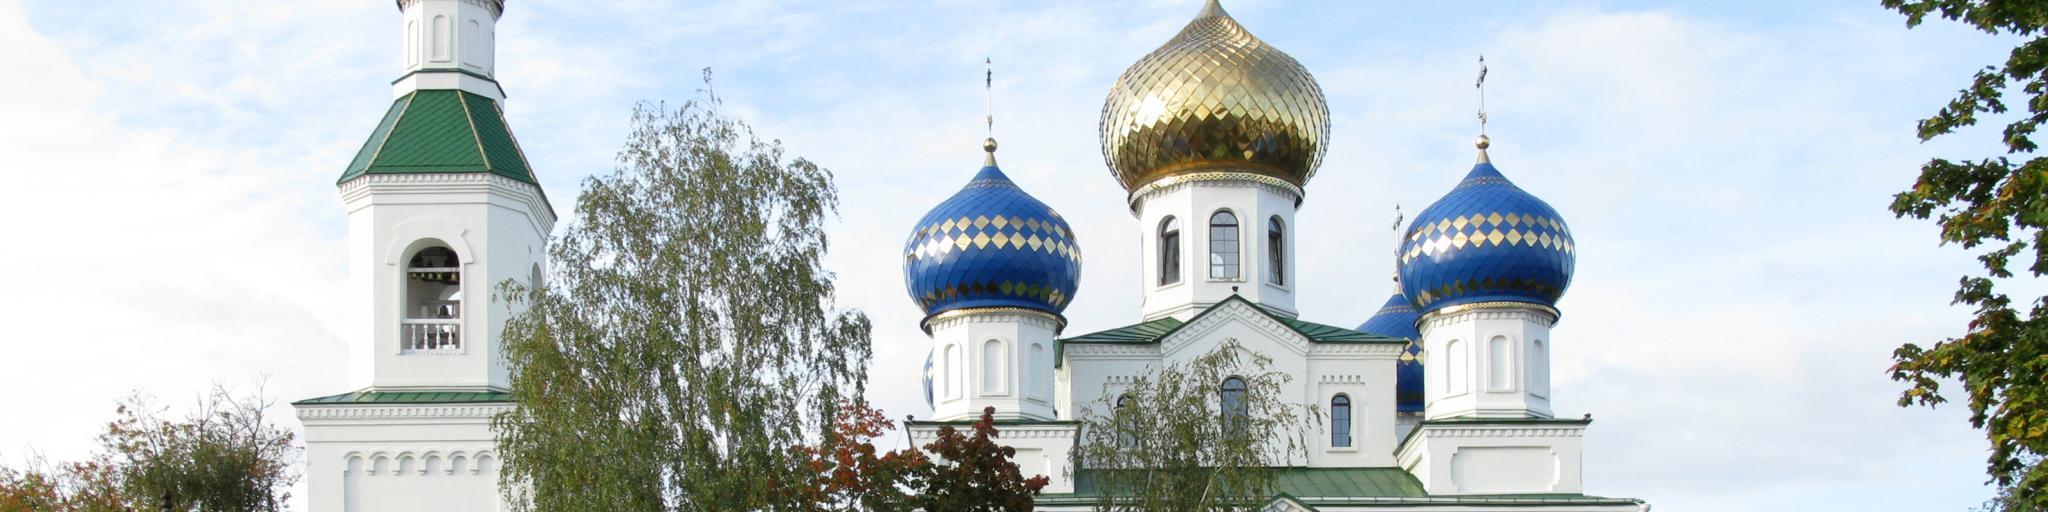 Church of Saint Nicholas, Babruysk